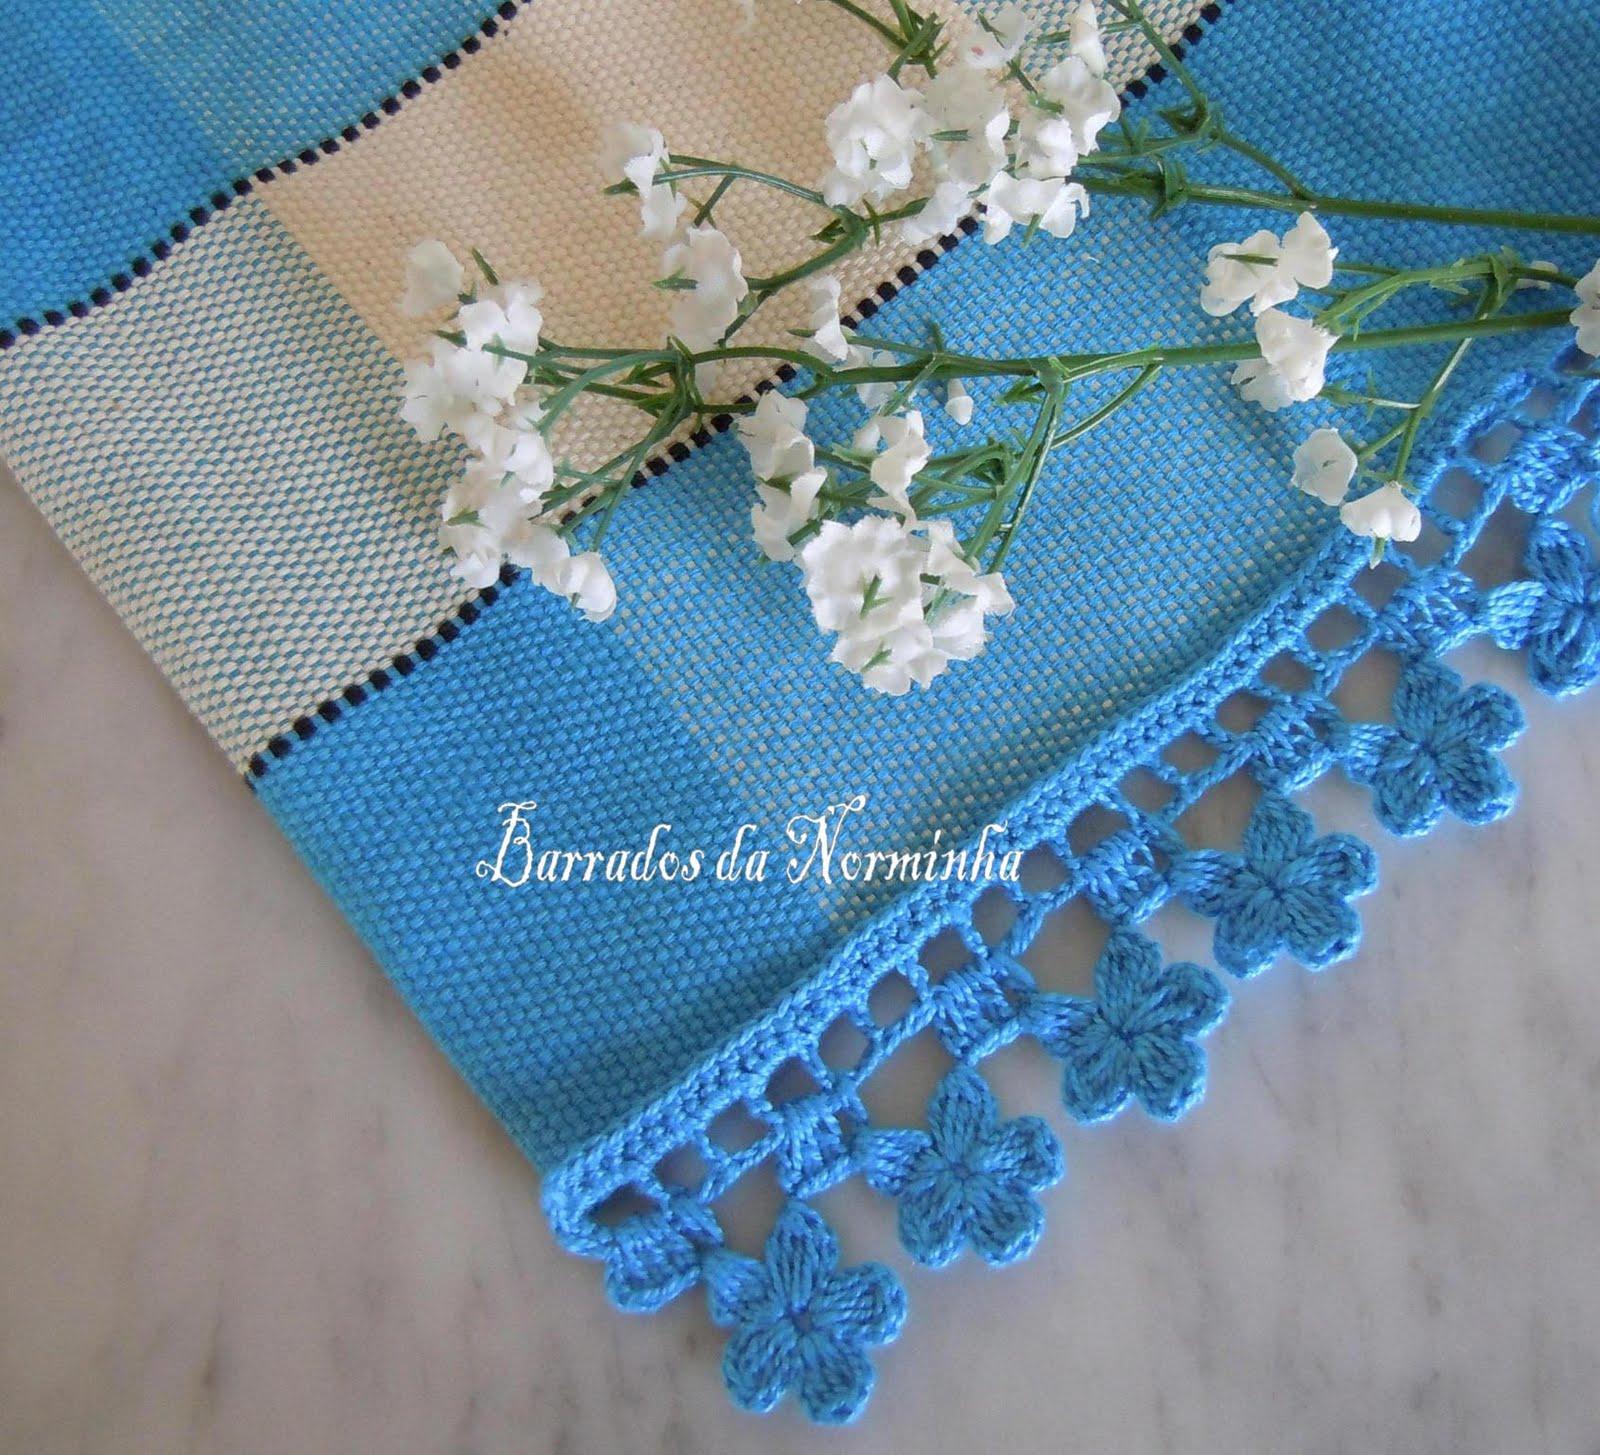 http://1.bp.blogspot.com/-rymsrrKx-NU/TZqMS0JtRXI/AAAAAAAAG18/voKnxFZdYqg/s1600/BarraAzul1.jpg